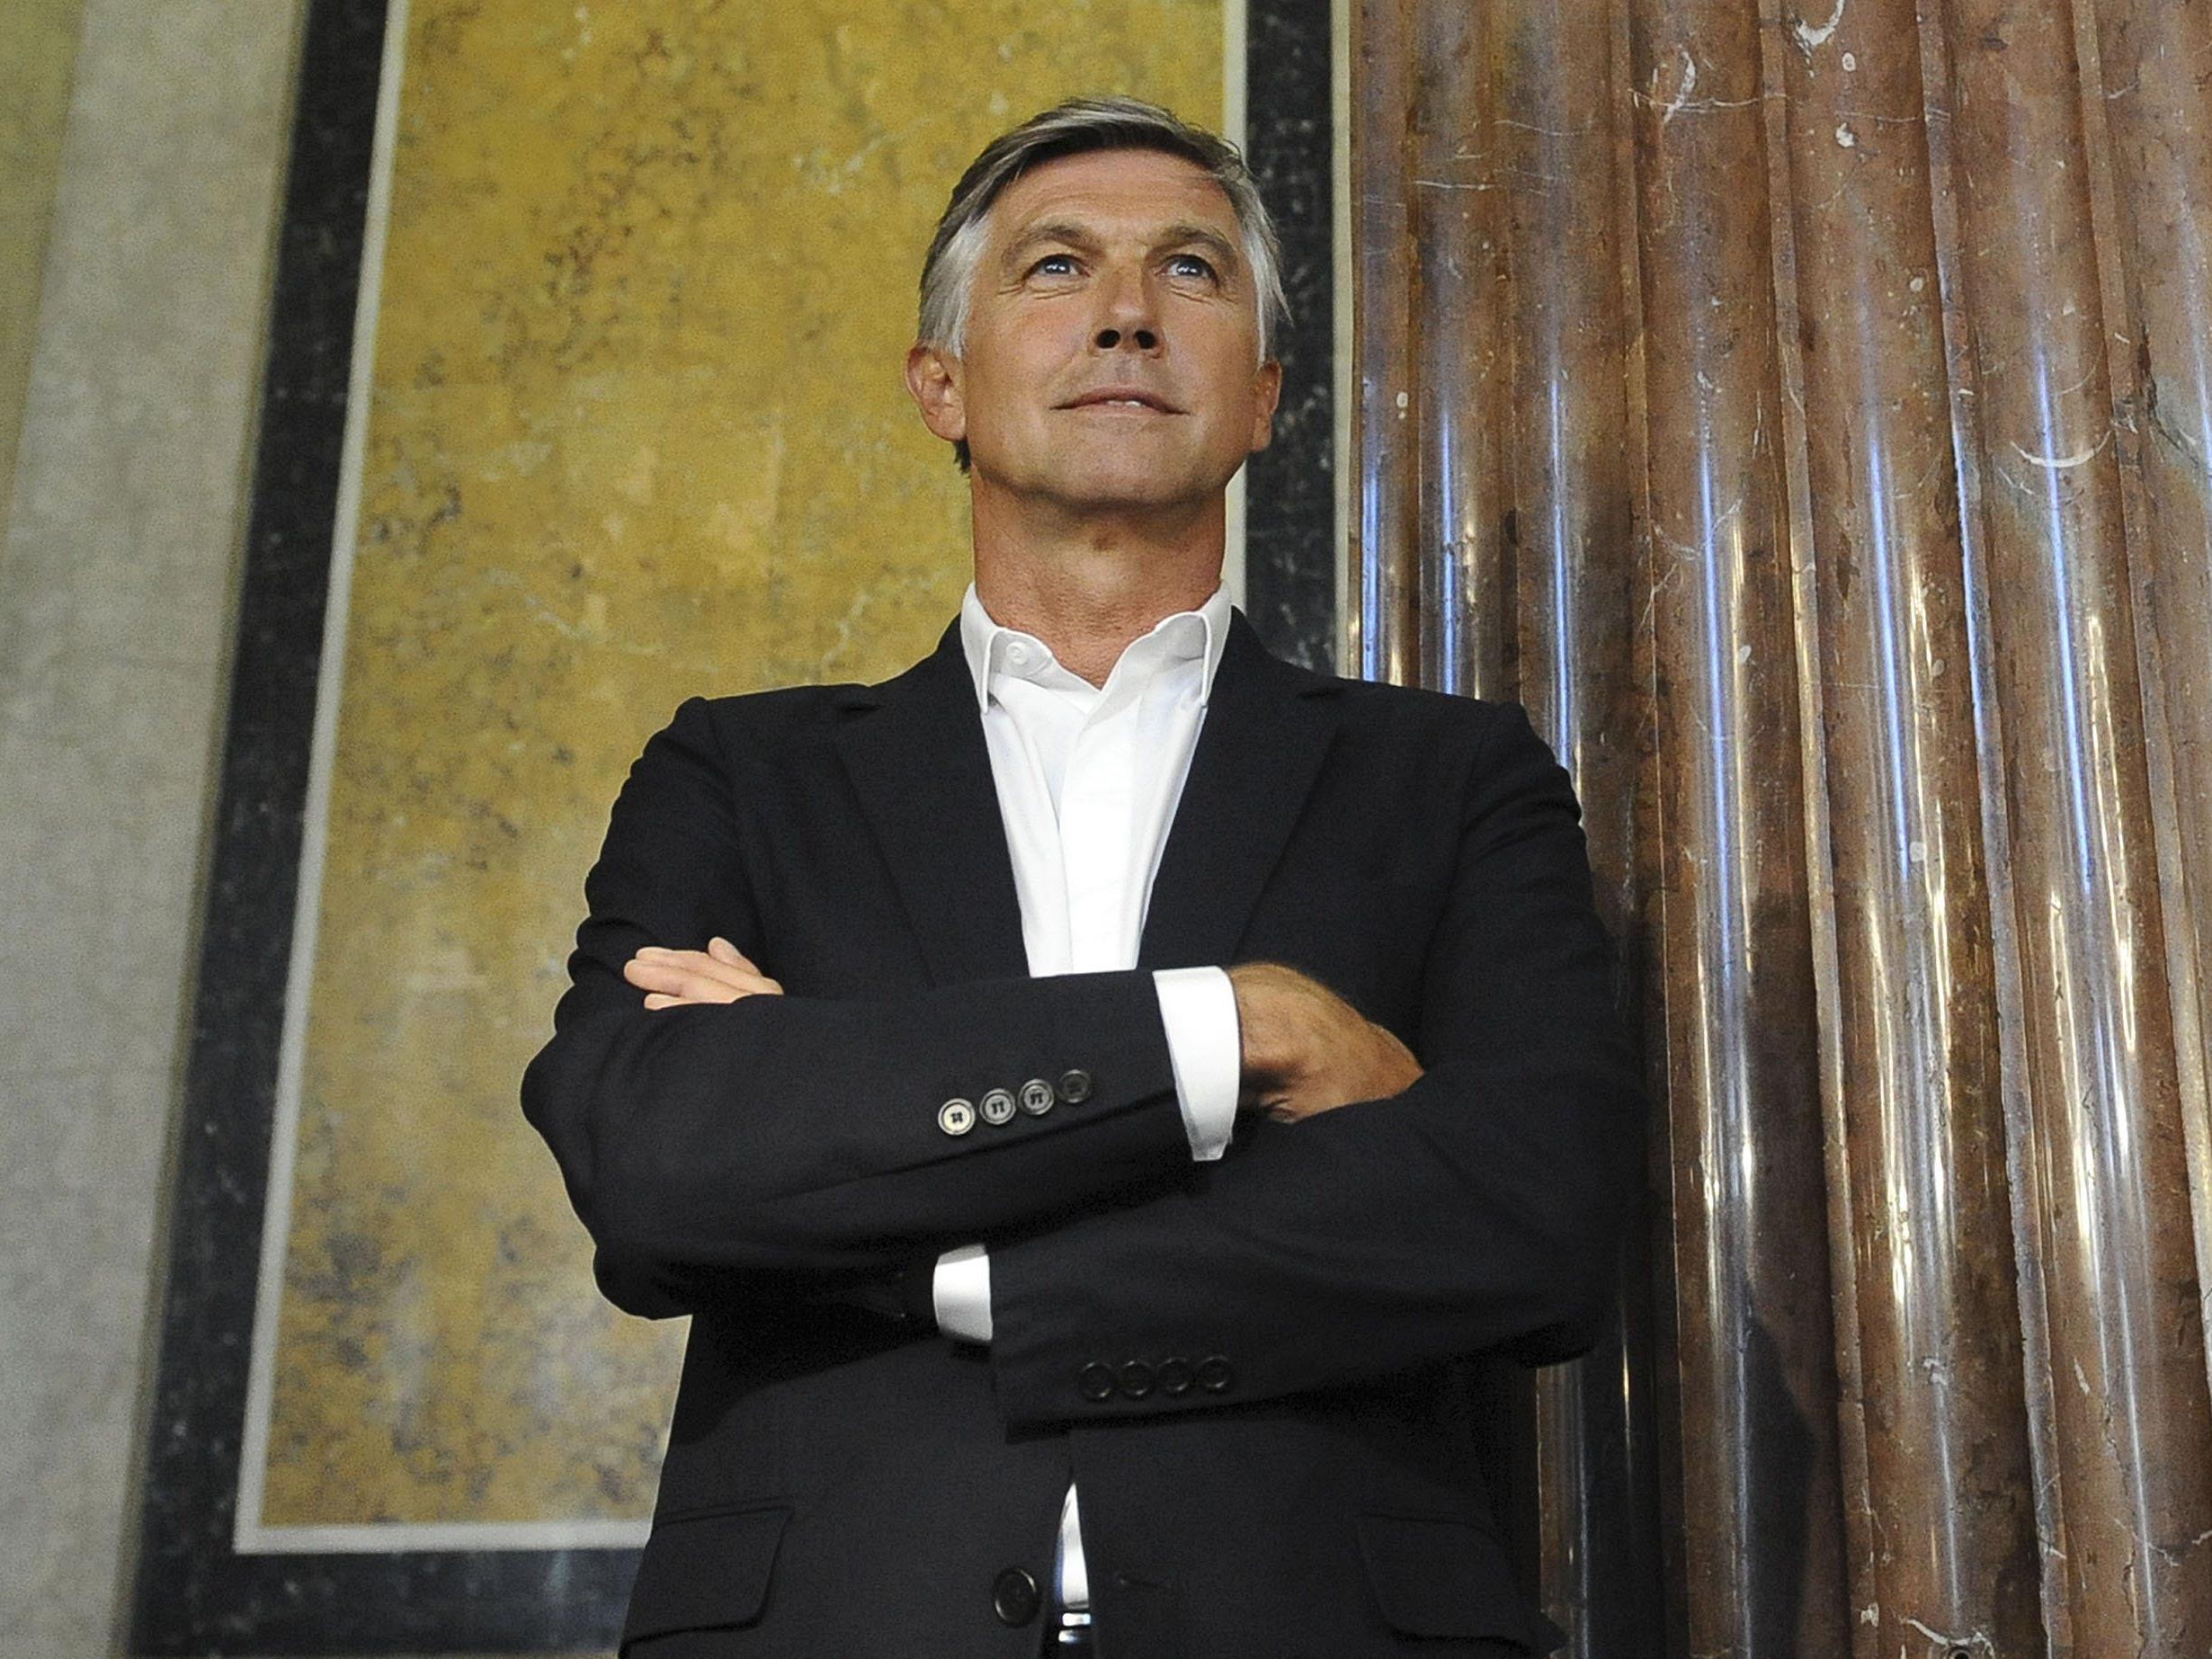 Villen-Deal: Meischberger weist die Vorwürfe zurück